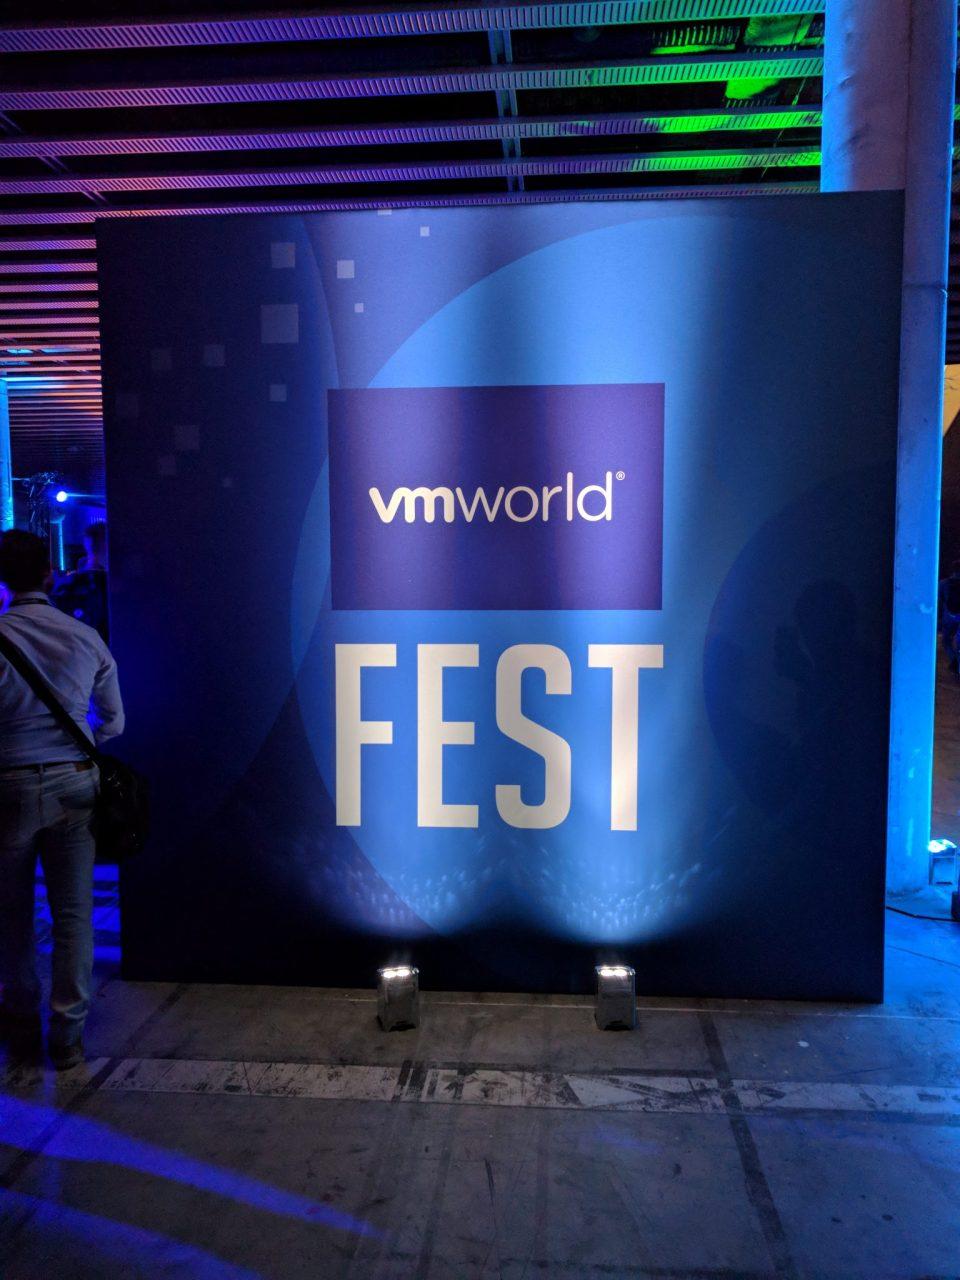 VMworld 2018 EU - FEST